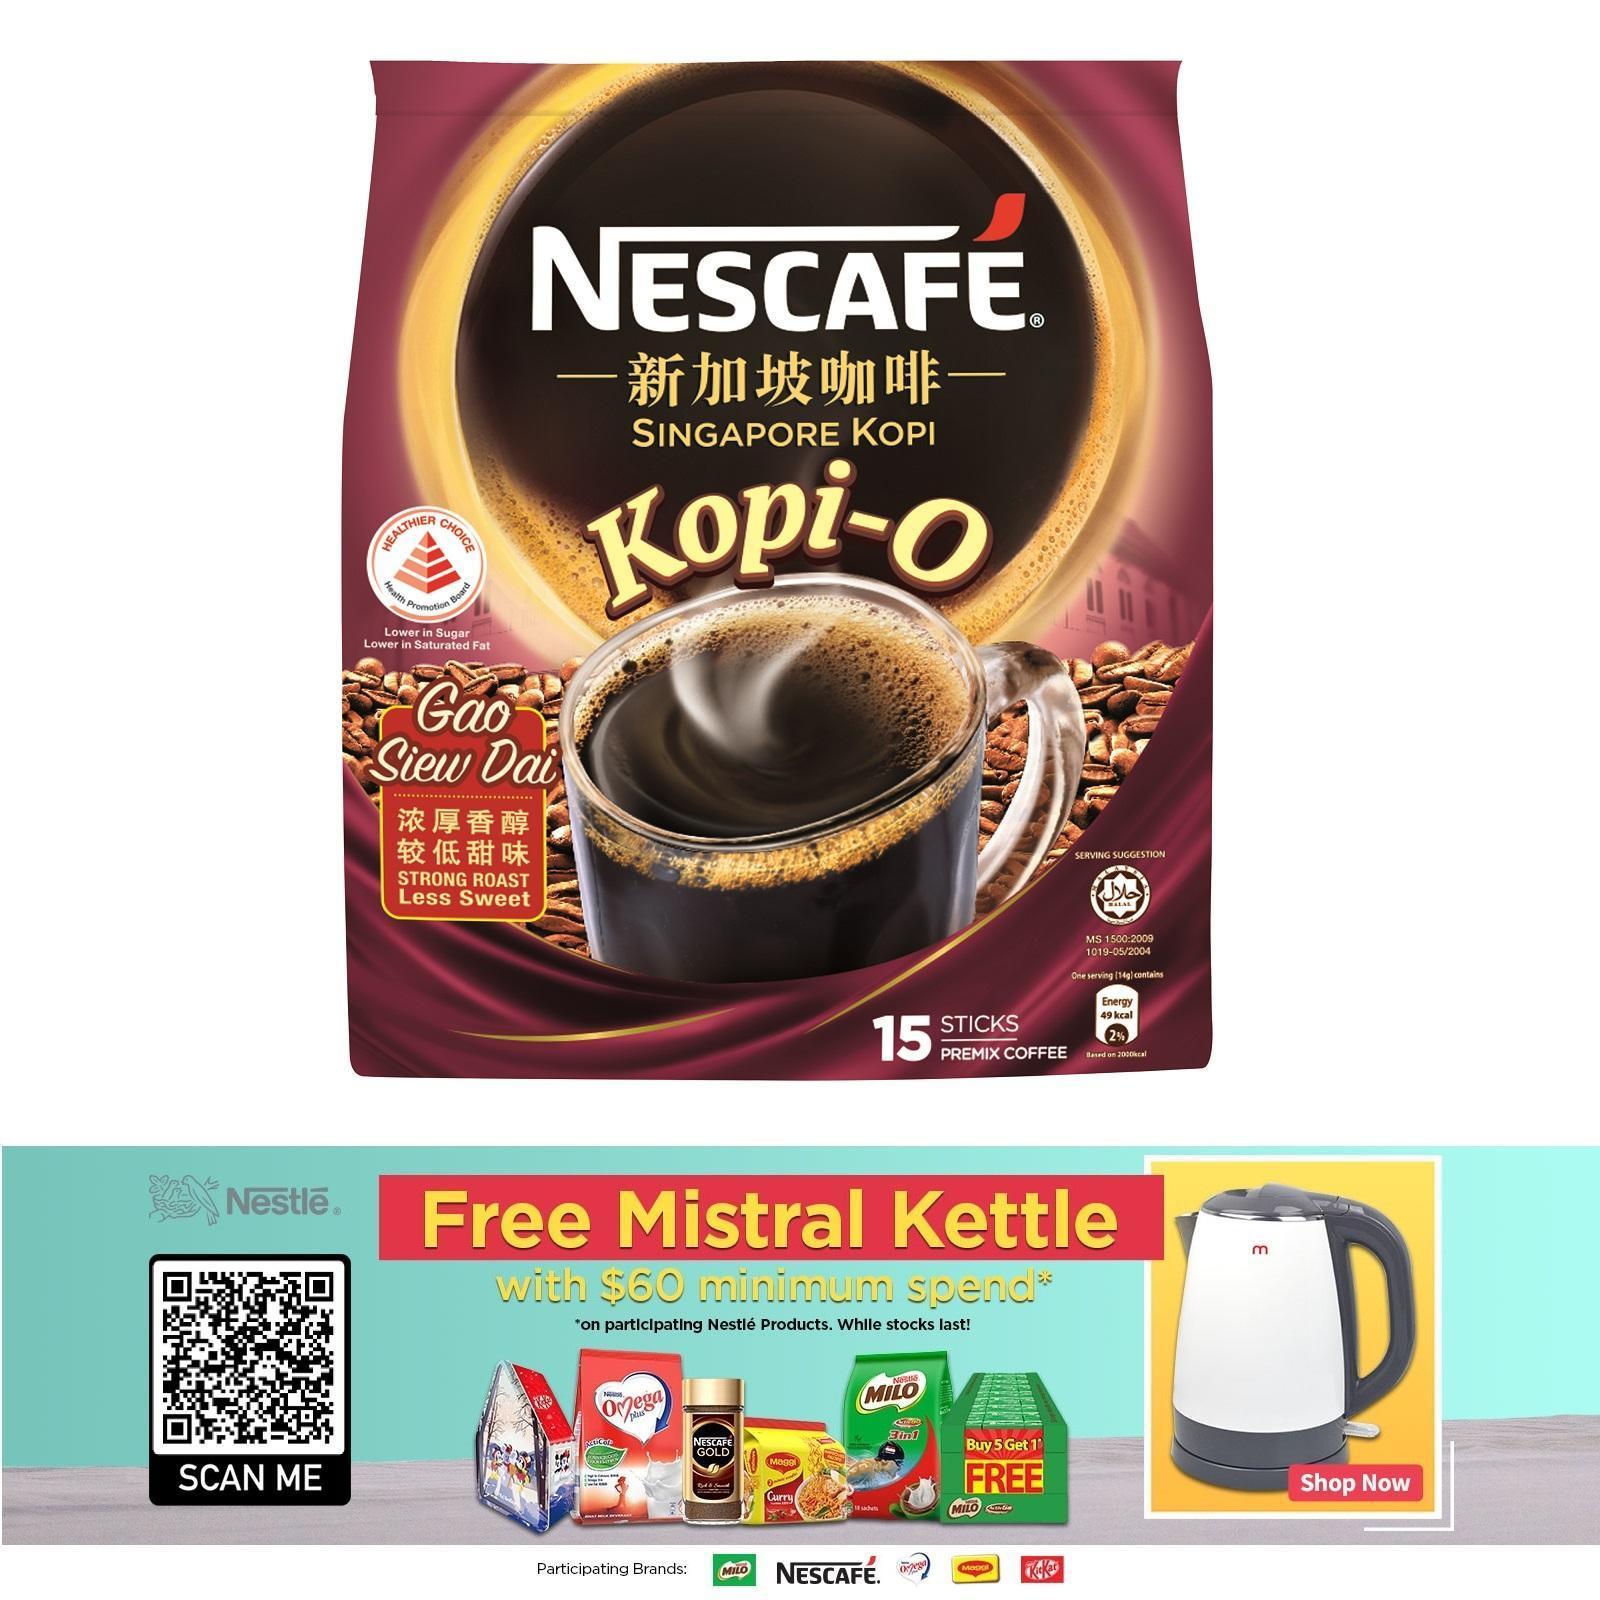 NESCAFE Singapore Kopi - Kopi O Gsd 15S X 14 G